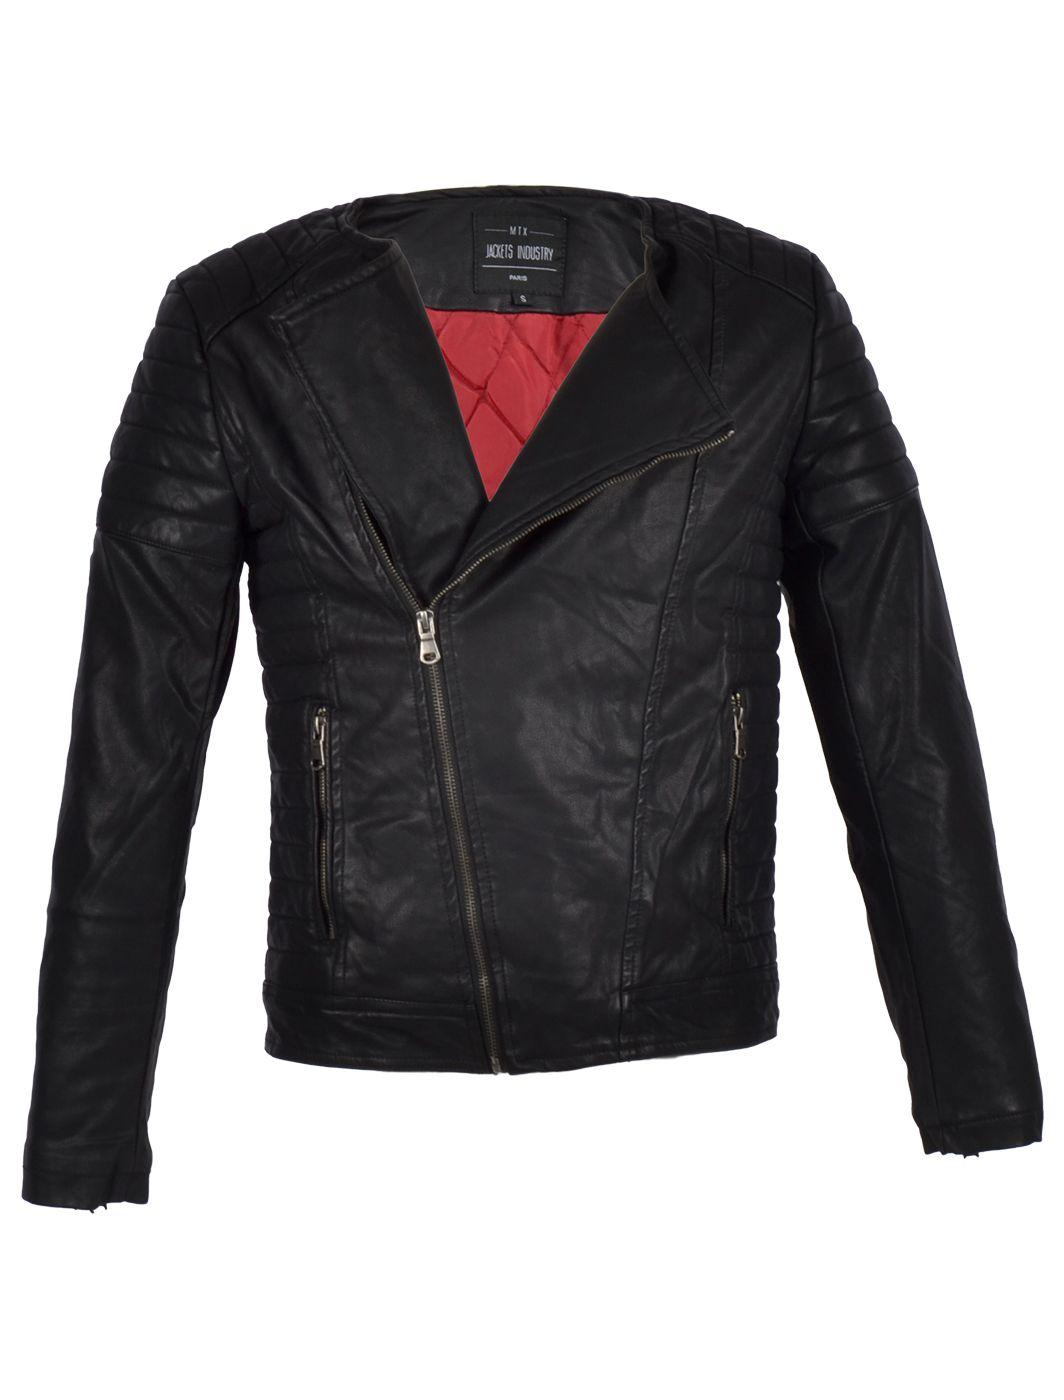 Deze mooie #zwarte #biker #jackvan #Imitatie leer is een Must have voor in je #kledingkast! Ondanks de Scherpe prijs doet deze zwarte, nep leren, biker jack voor #herennauwelijks onder van echt leer.